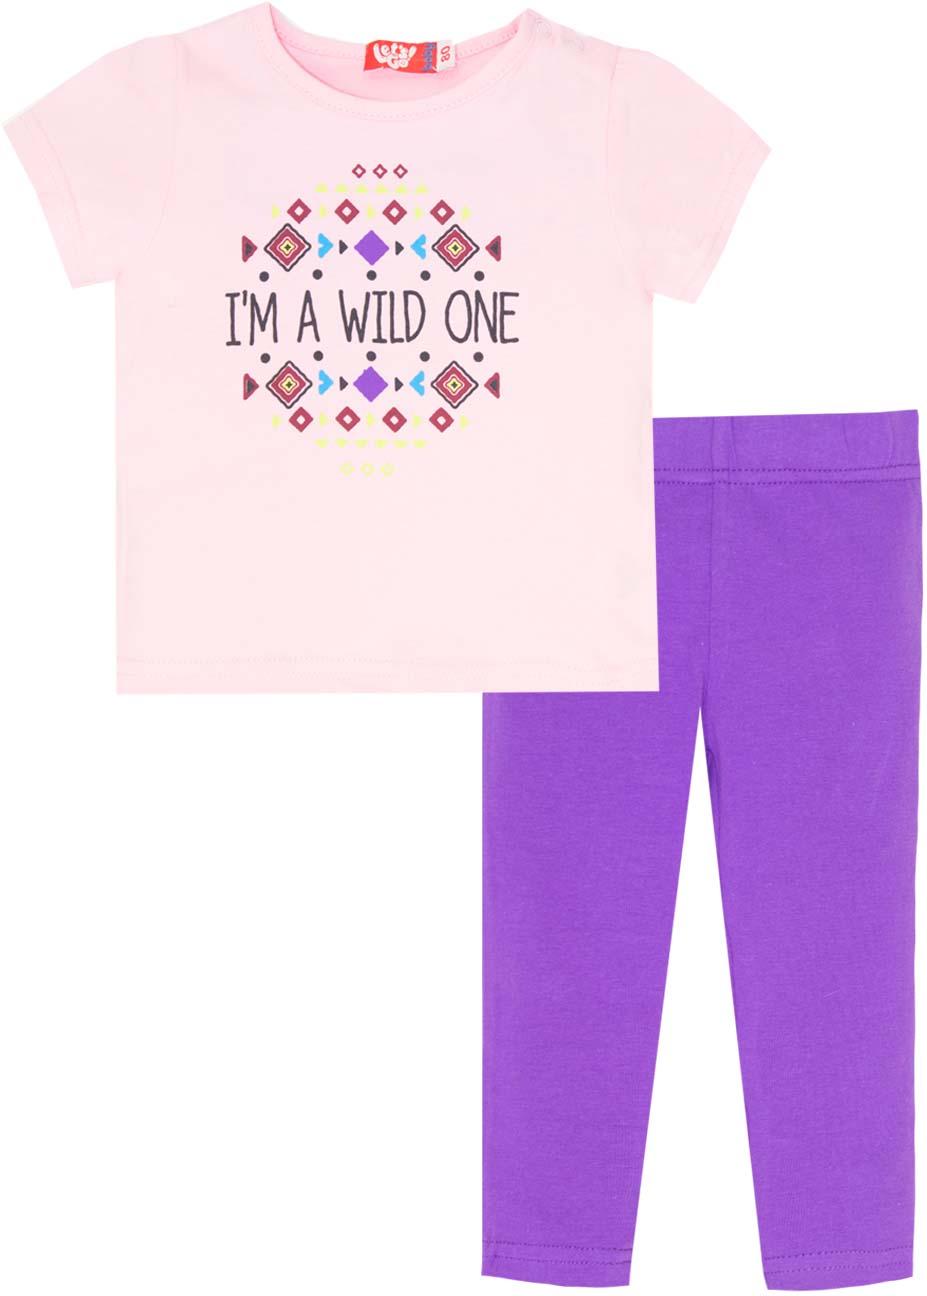 Комплект одежды для девочки Let's Go: футболка, лосины, цвет: светло-розовый, фиолетовый. 4144. Размер 86 комплект одежды для девочки let s go футболка бриджи цвет лиловый фиолетовый 4132 размер 74